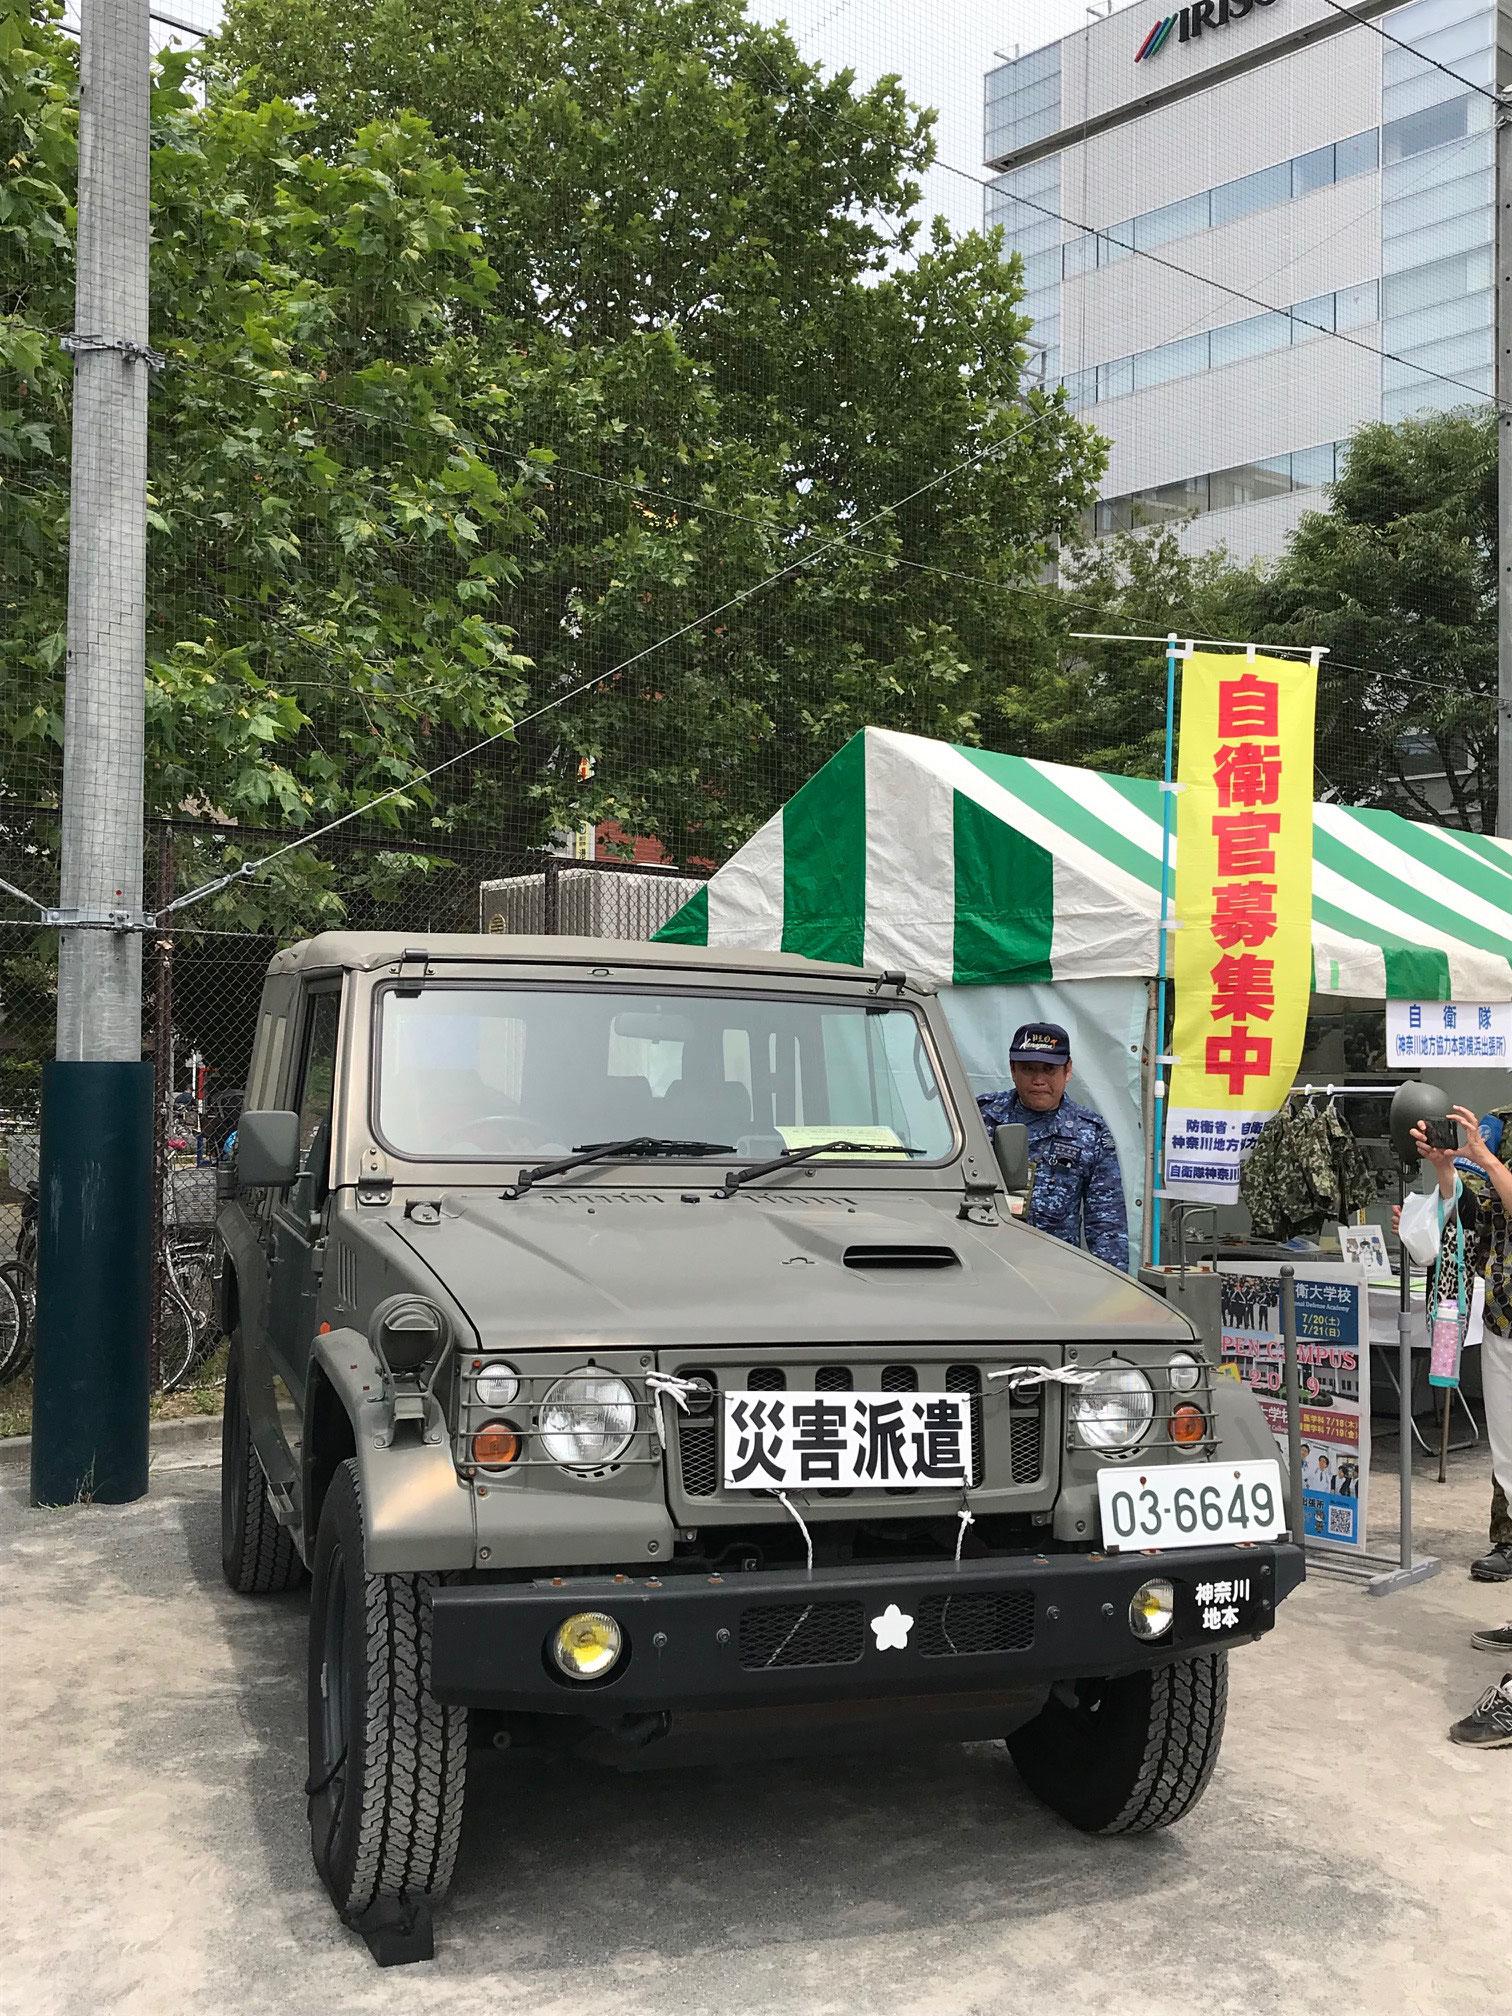 自衛隊車両は子供達の撮影スポット